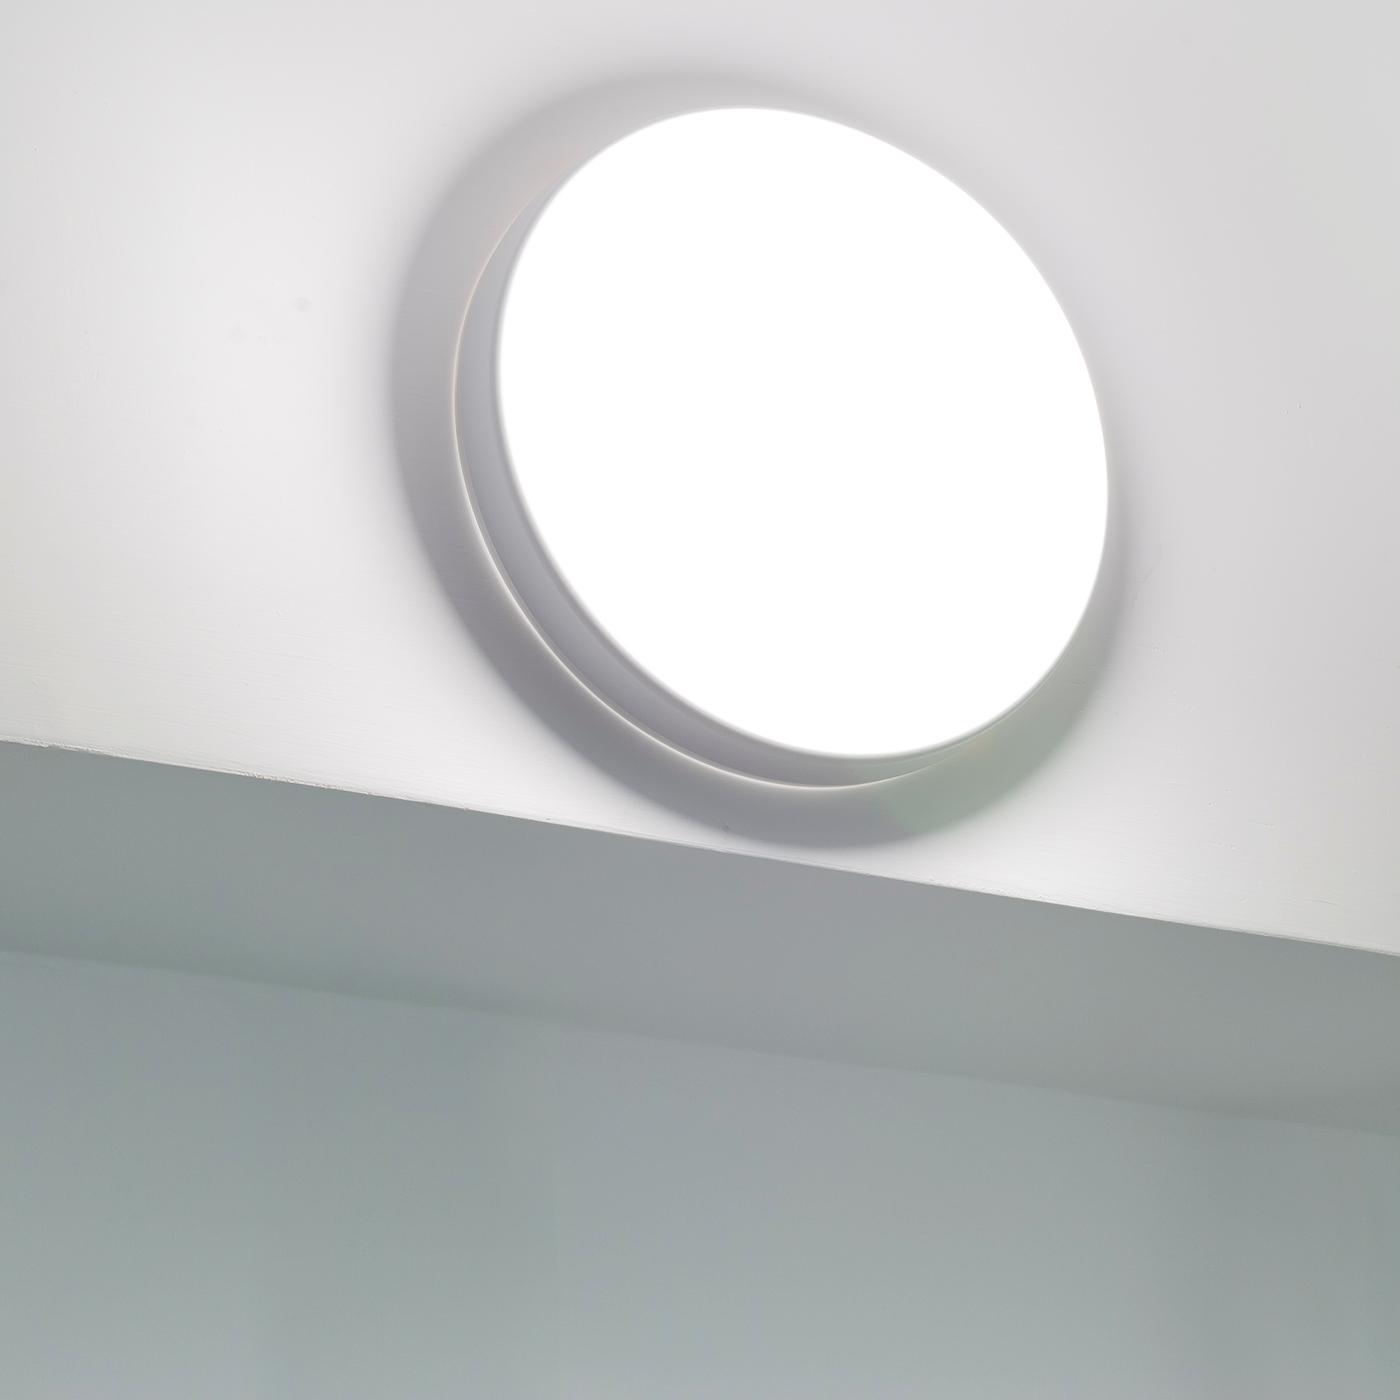 crossled: plafoniera led 18w ip54 scale terrazzo bagno soffitto ... - Luci Soffitto Bagno